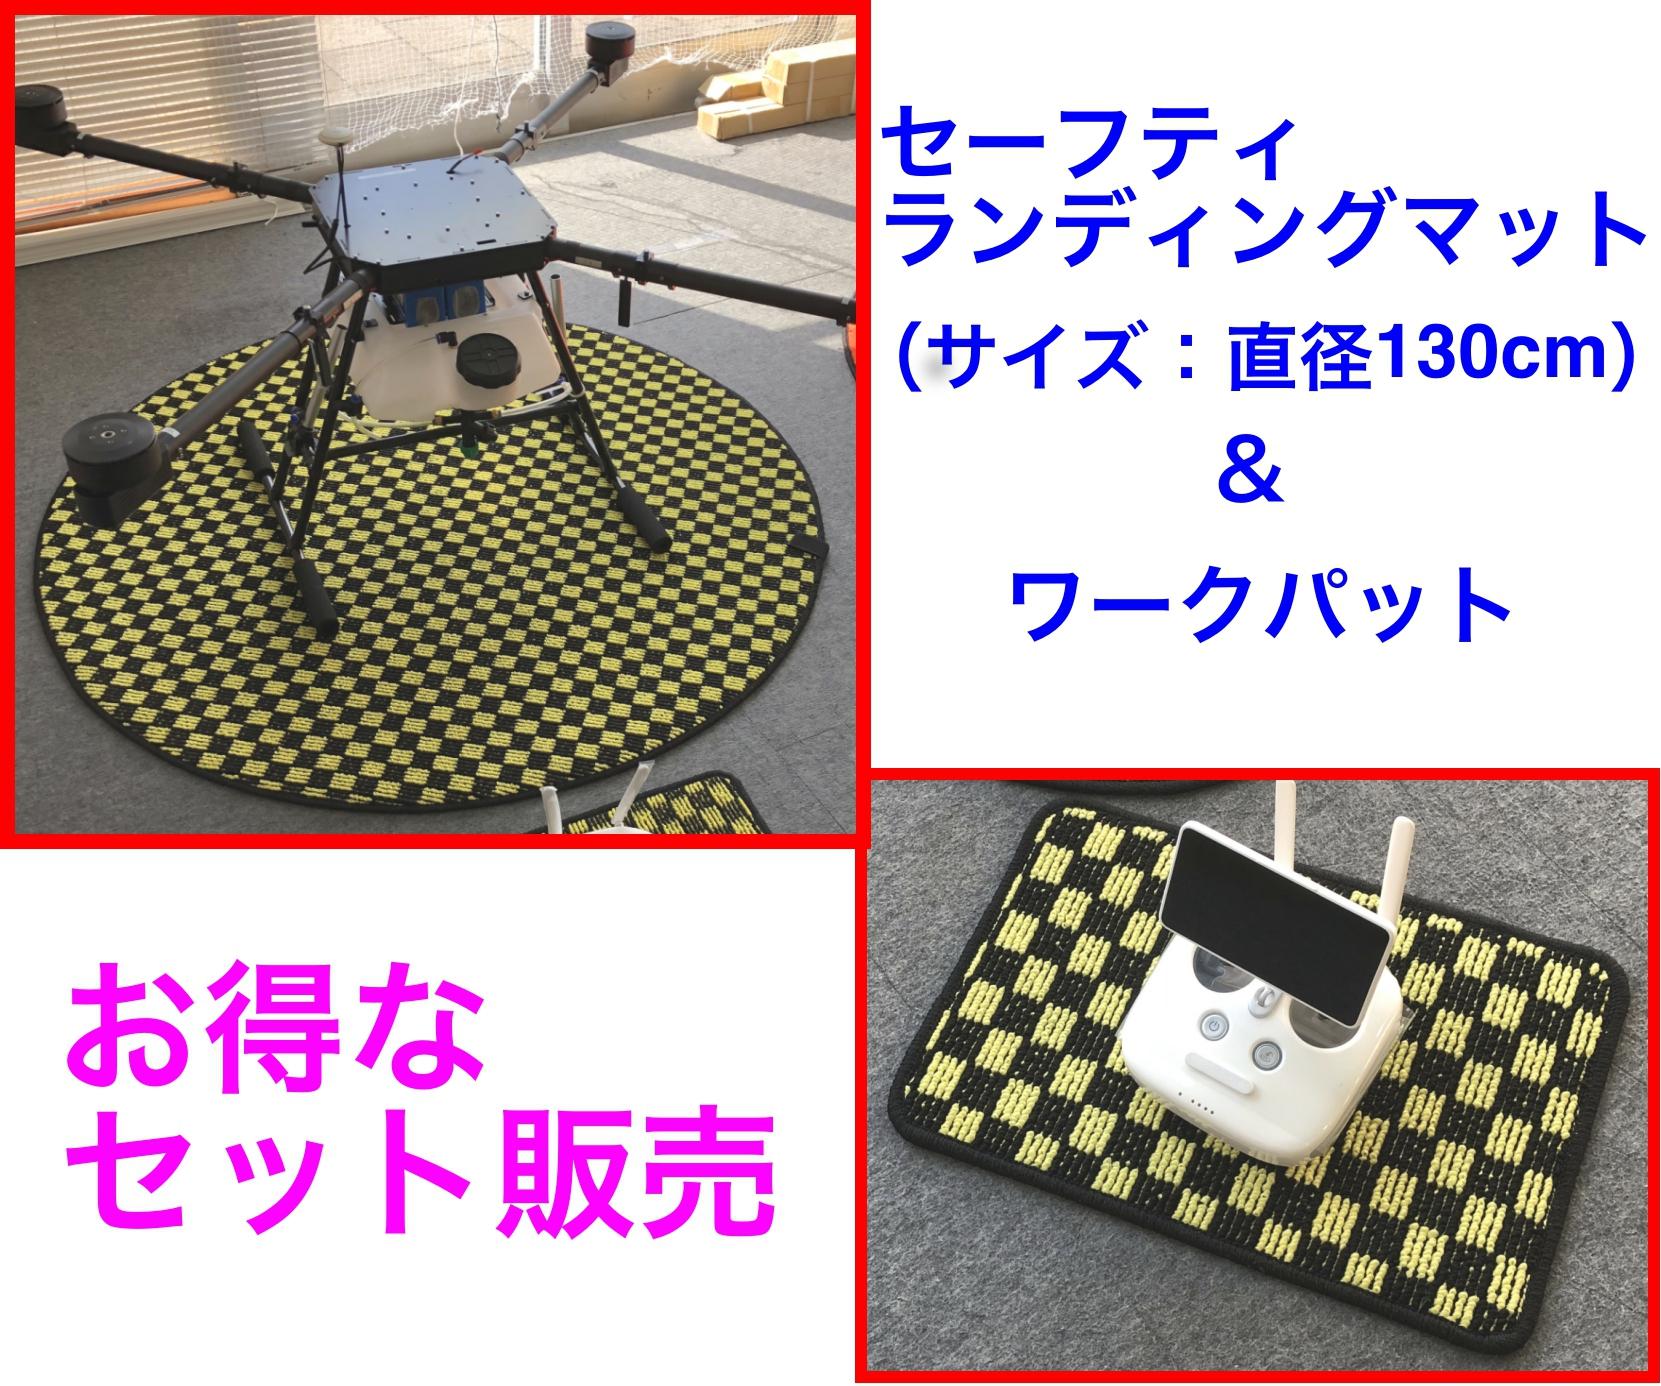 【お得セット】ドローン用ワークパット&直径:130cmセーフティマット セット※3色から選べます。